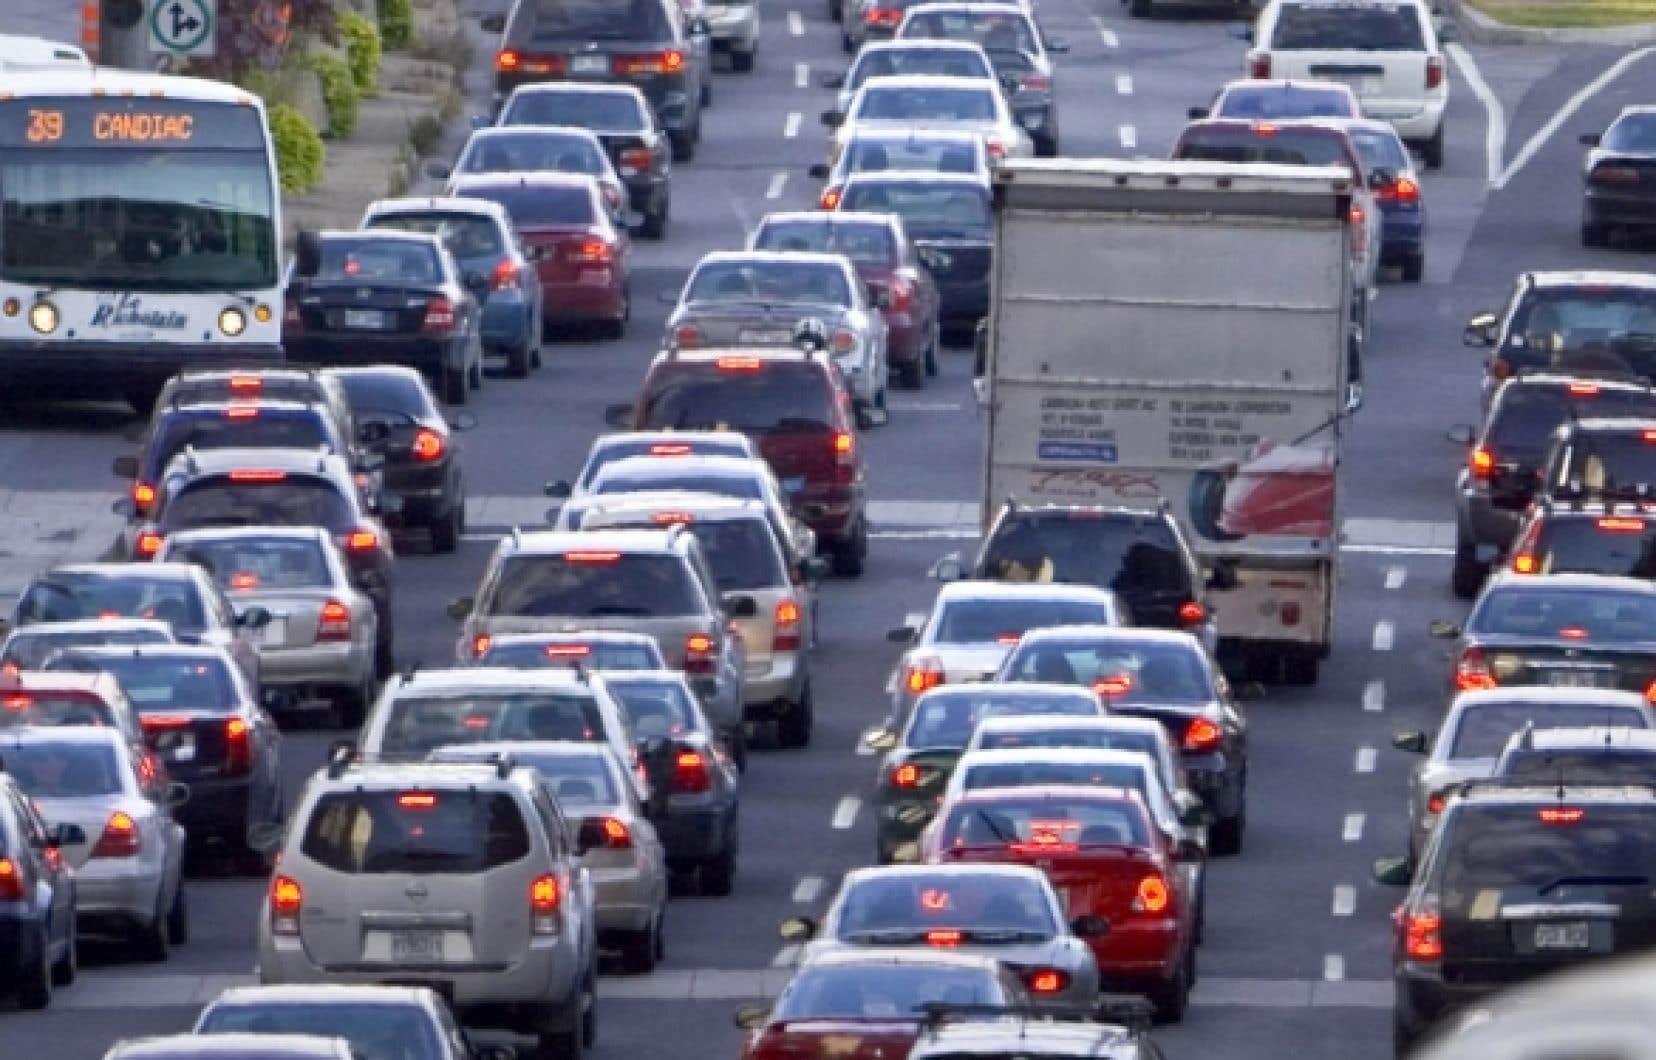 Mises bout à bout, les 43 000 autos qui s'ajoutent annuellement en région montréalaise forment une file longue de 258 kilomètres.<br />